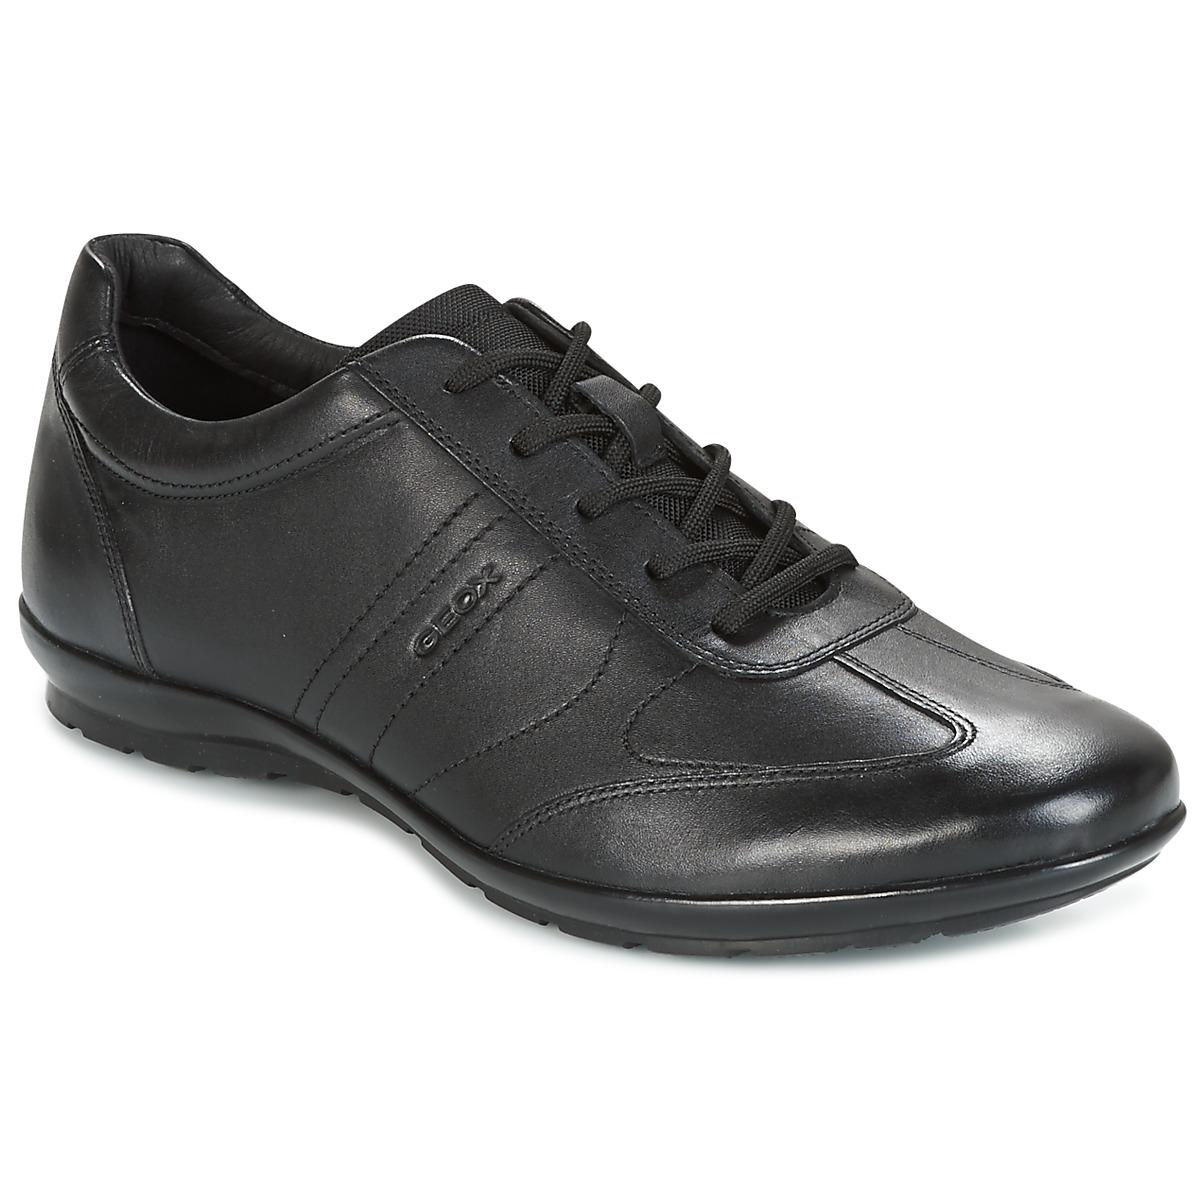 Geox UOMO SYMBOL Schwarz - Kostenloser Versand bei Spartoode ! - Schuhe Sneaker Low Herren 79,99 €